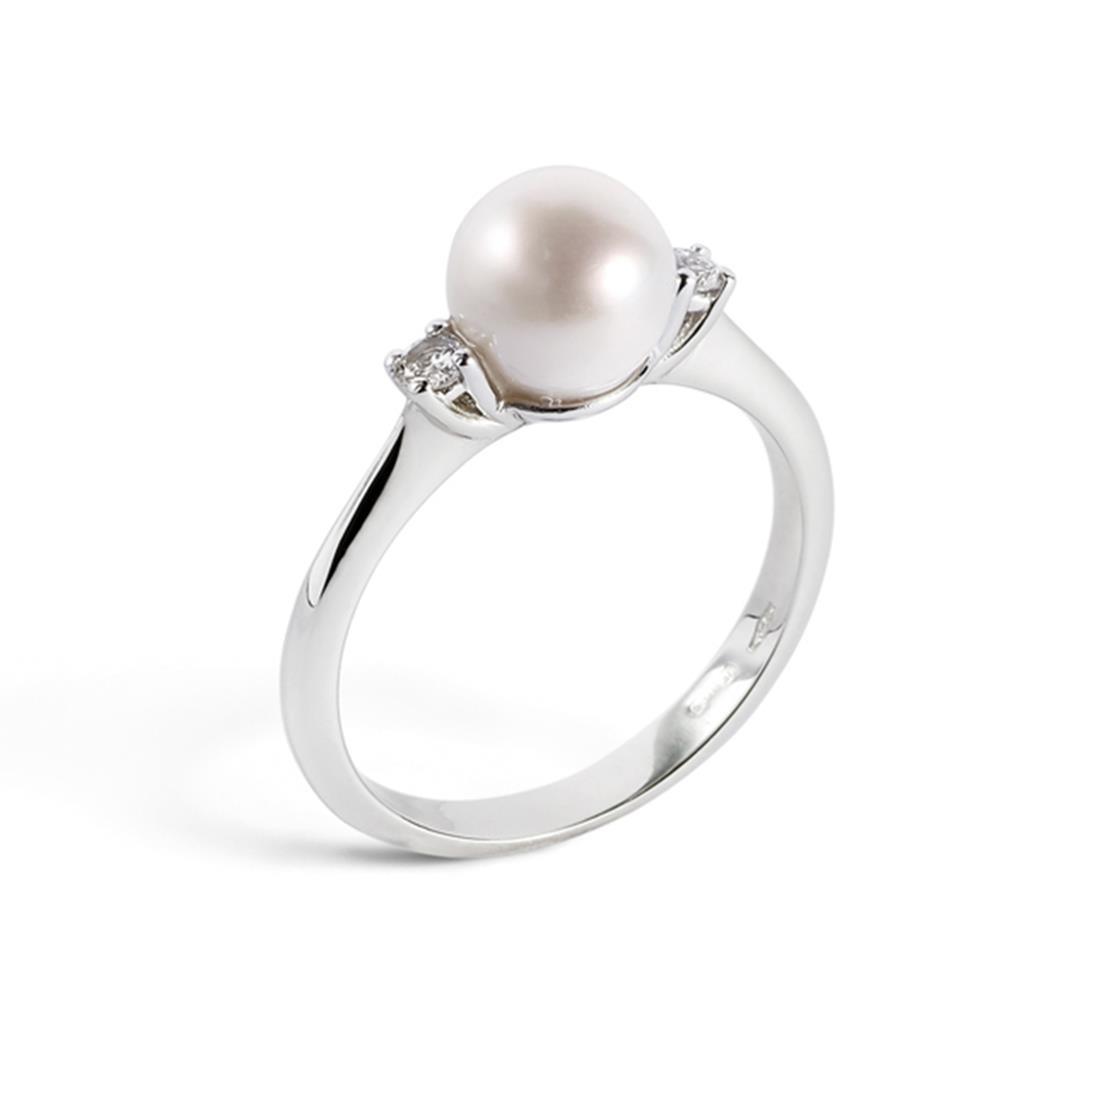 Anello con perla 6/6,5mm e diamanti ct. 0,09 - ALFIERI & ST. JOHN